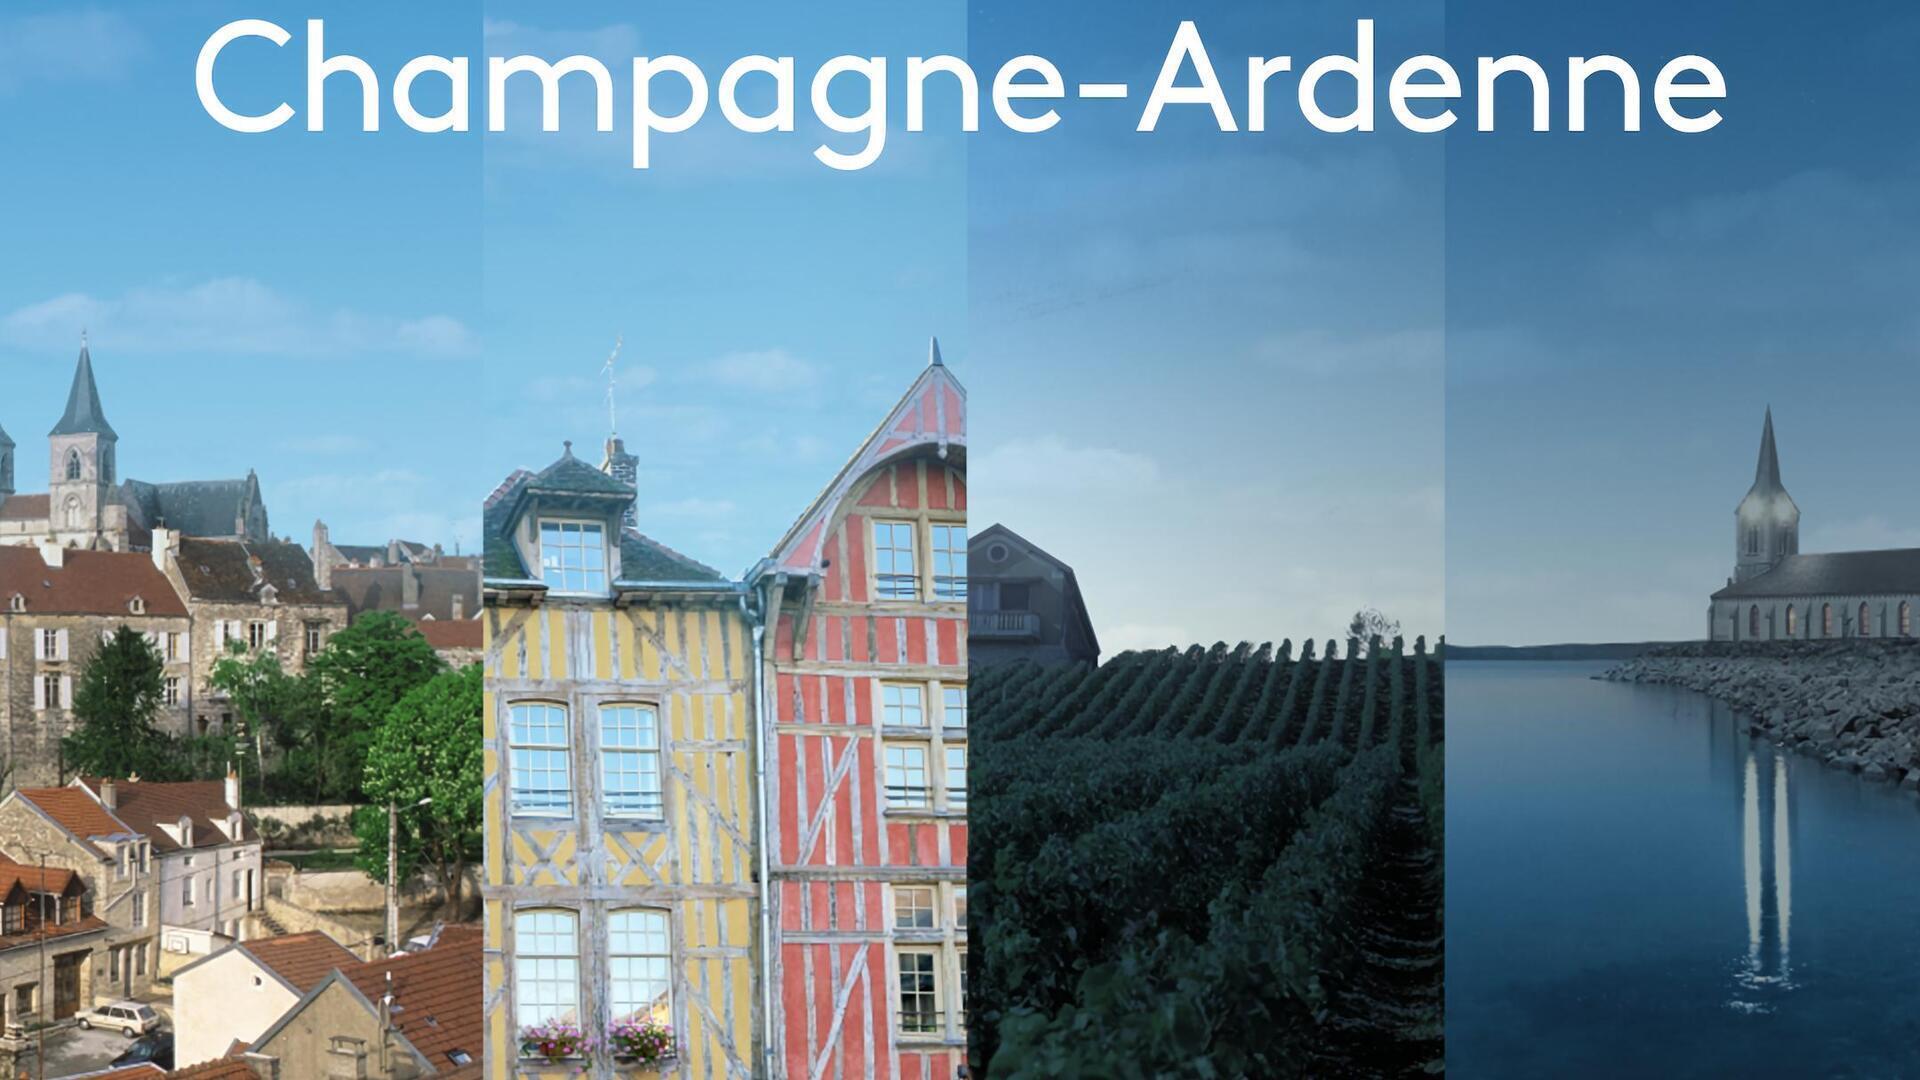 19/20 Champagne-Ardenne : Edition spéciale Festival Mondial des Théâtres de Marionnettes